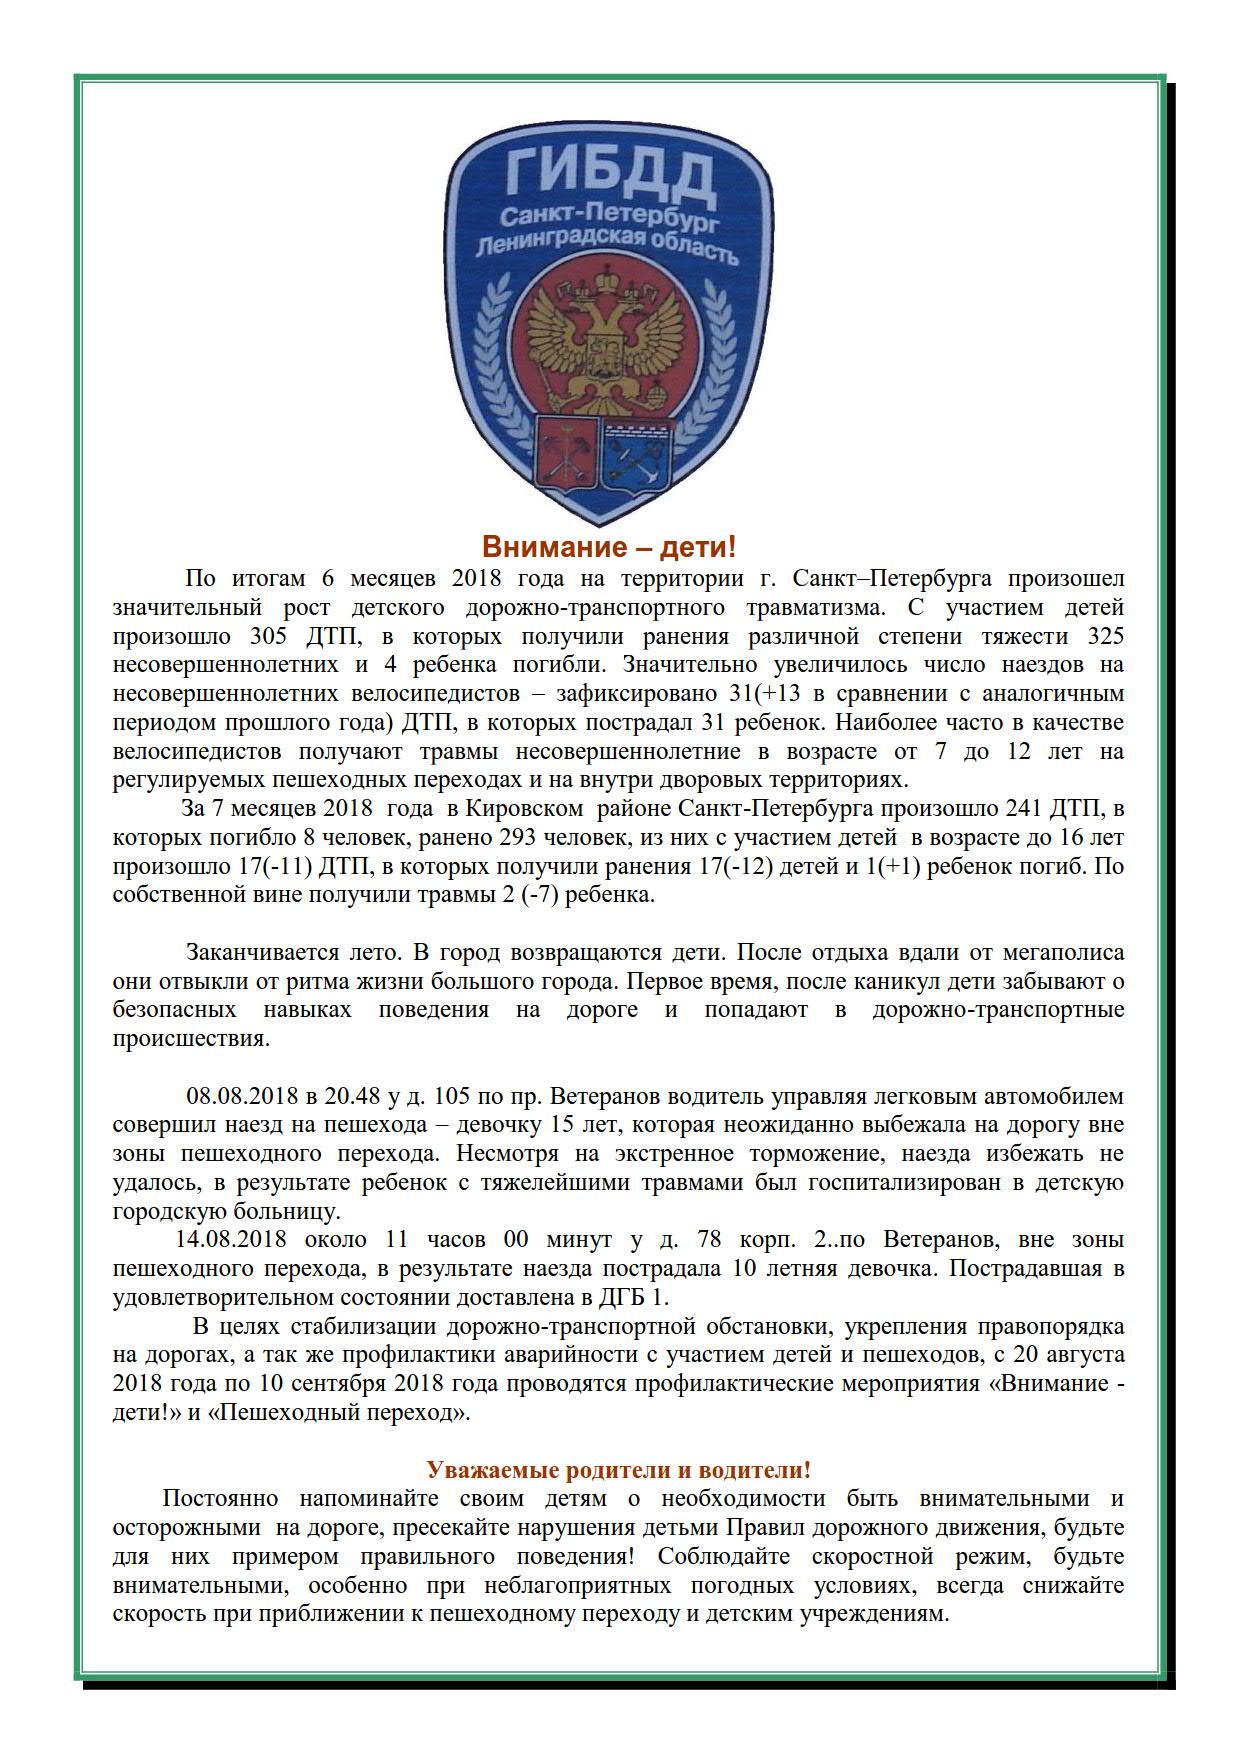 листовка ВНИАНИЕ ДЕТИ август 2018 ГОДА_1